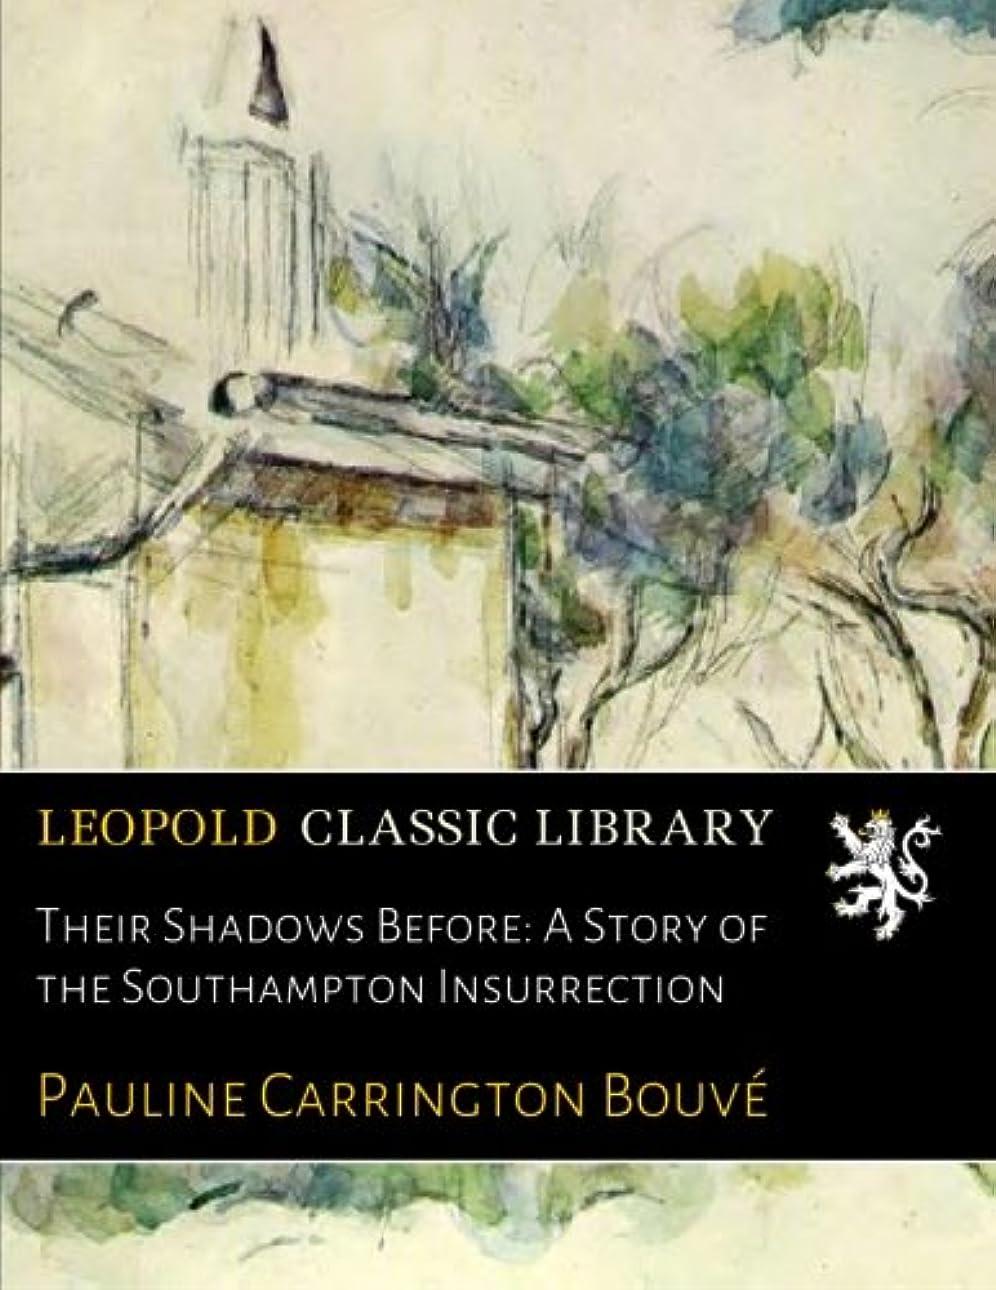 ノートきらめきゴシップTheir Shadows Before: A Story of the Southampton Insurrection